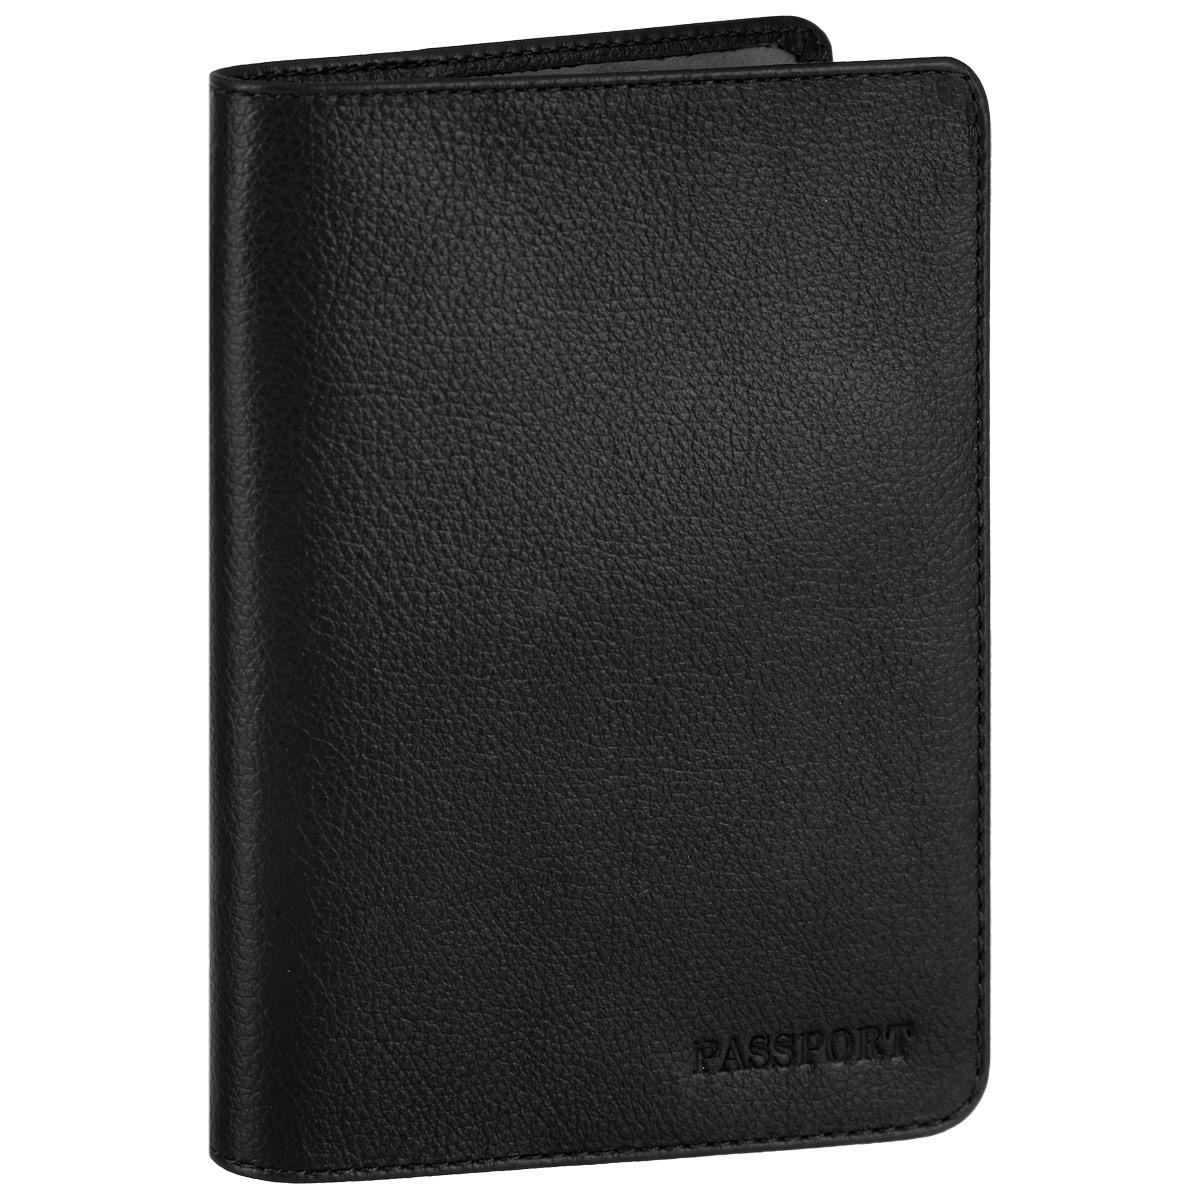 Обложка для паспорта Fabula, цвет: черный. O.53.FP35665Стильная обложка для паспорта Fabula выполнена из натуральной кожи с зернистой текстурой, оформлена надписью Passport. Обложка для паспорта раскладывается пополам, внутри расположены два пластиковых кармашка.Такая обложка для паспорта станет прекрасным и стильным подарком человеку, любящему оригинальные и практичные вещи.